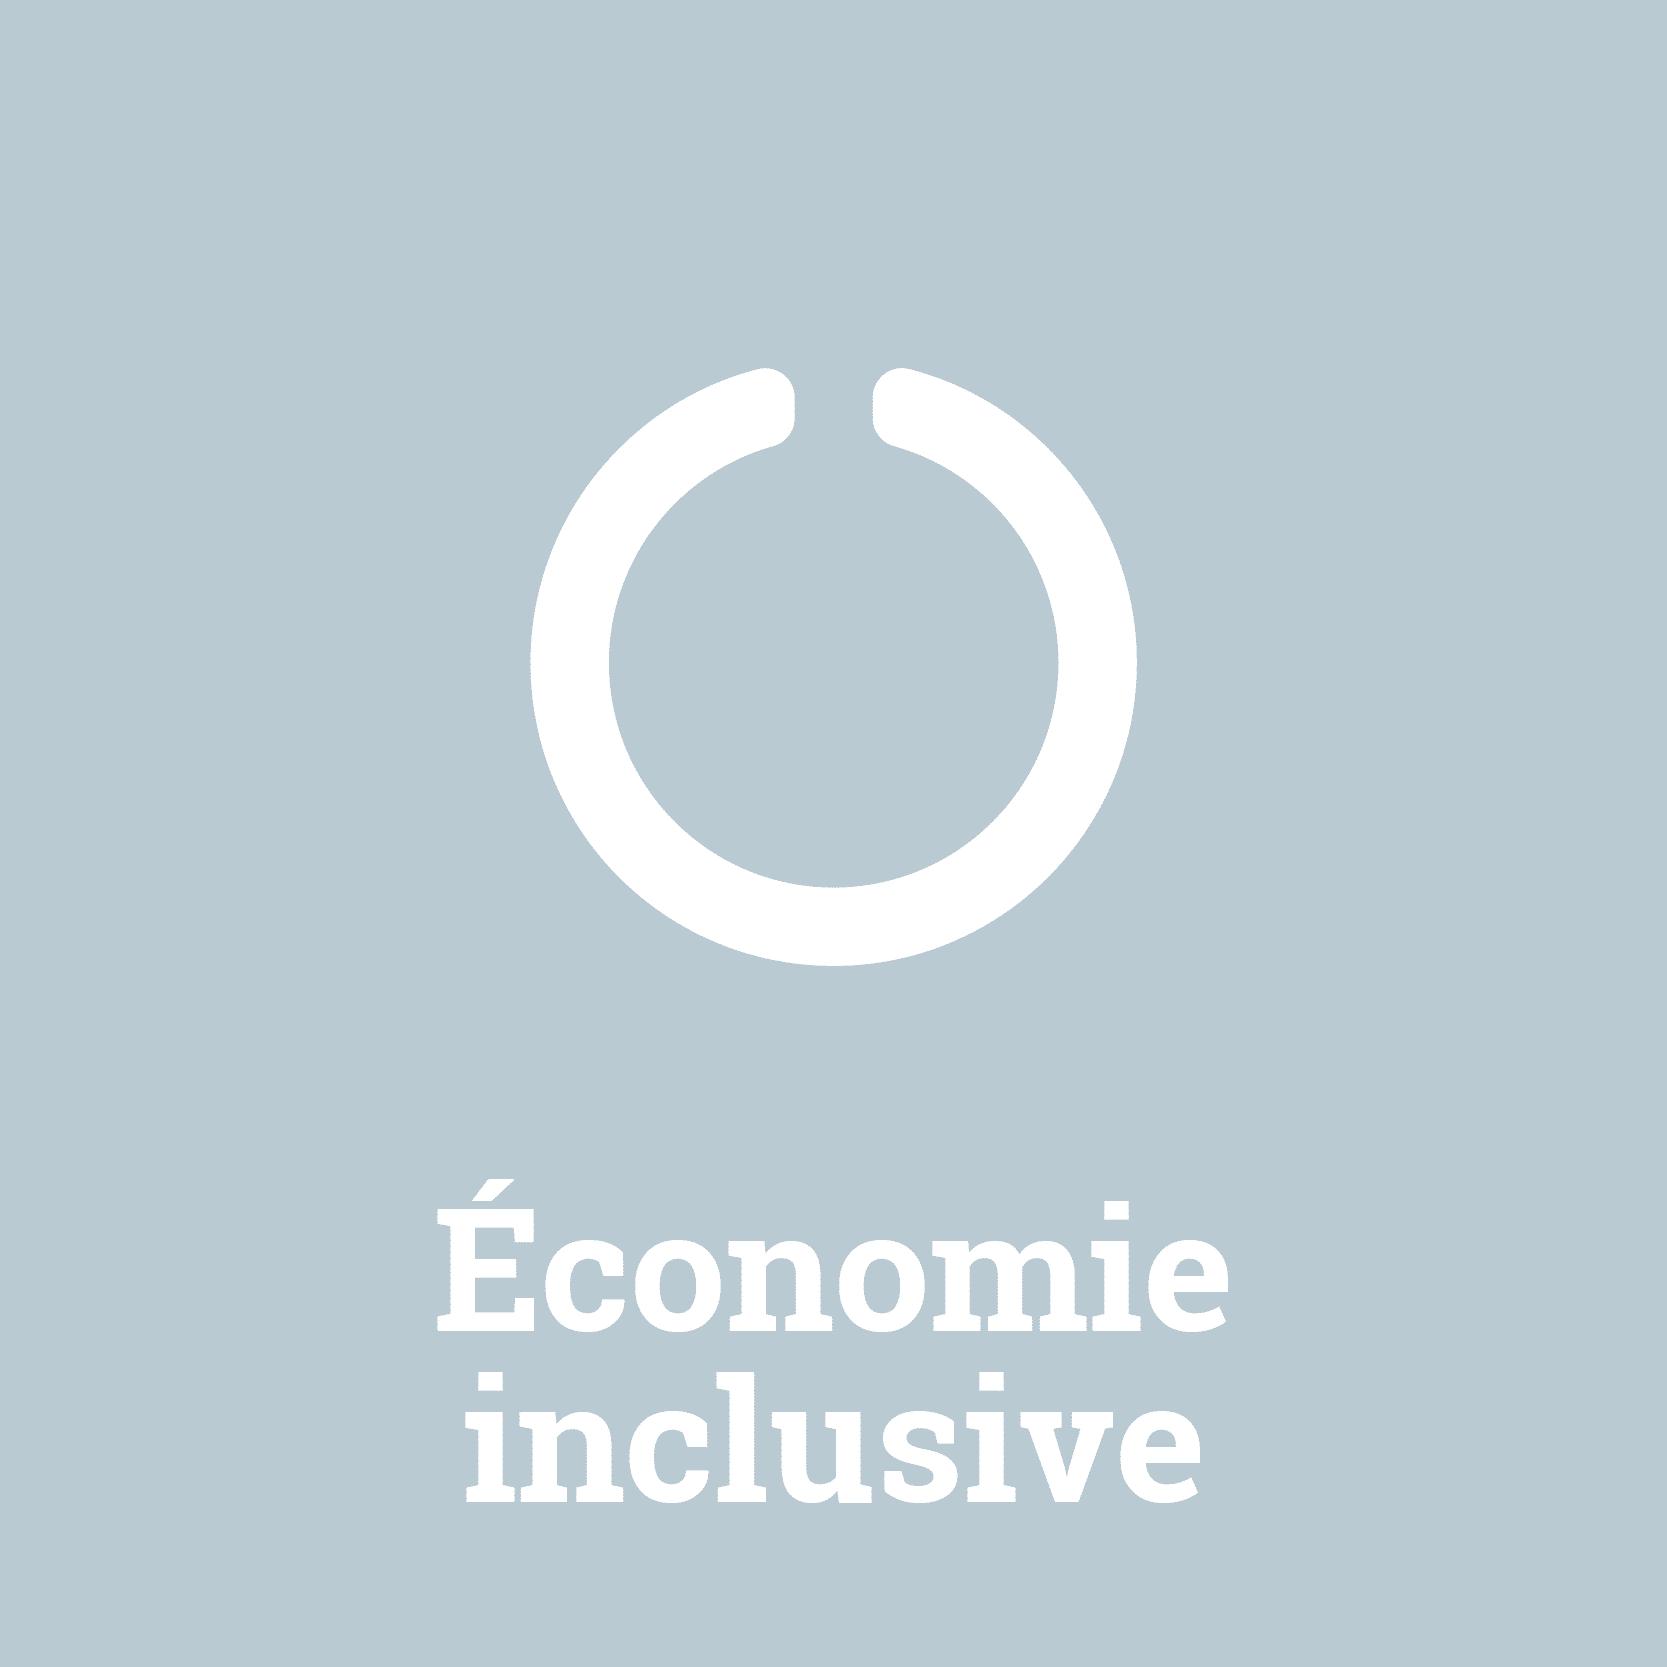 économie inclusive